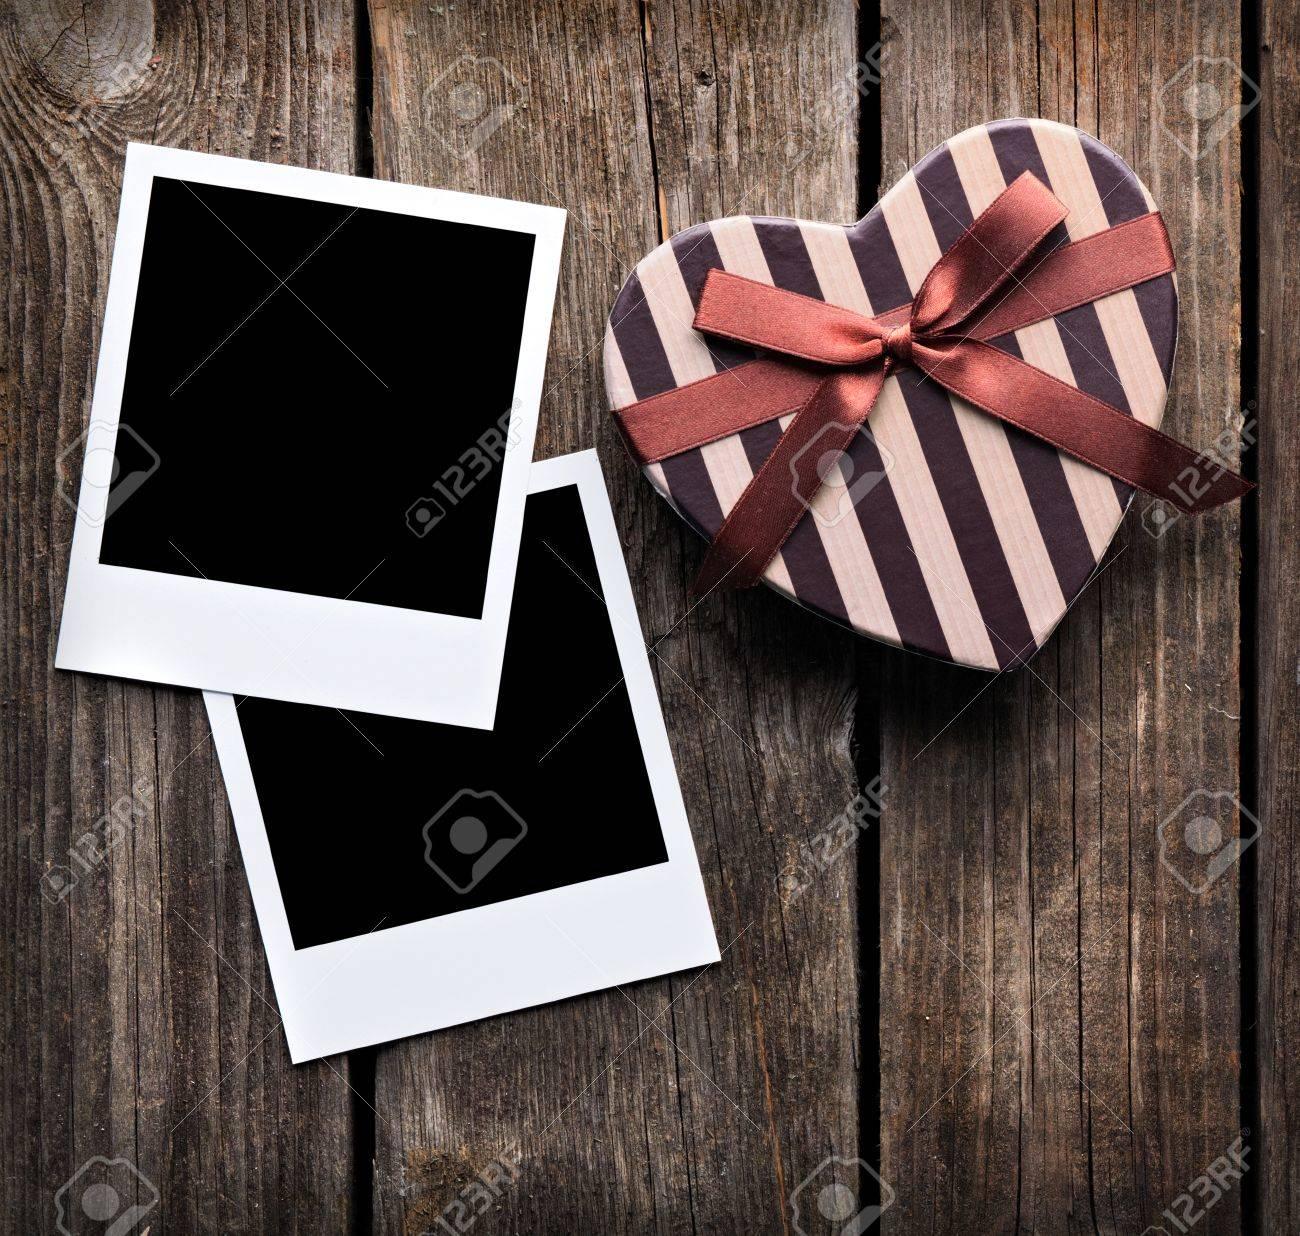 Blank Instant Bilderrahmen Mit Herzförmigen Valentinstag Geschenk ...